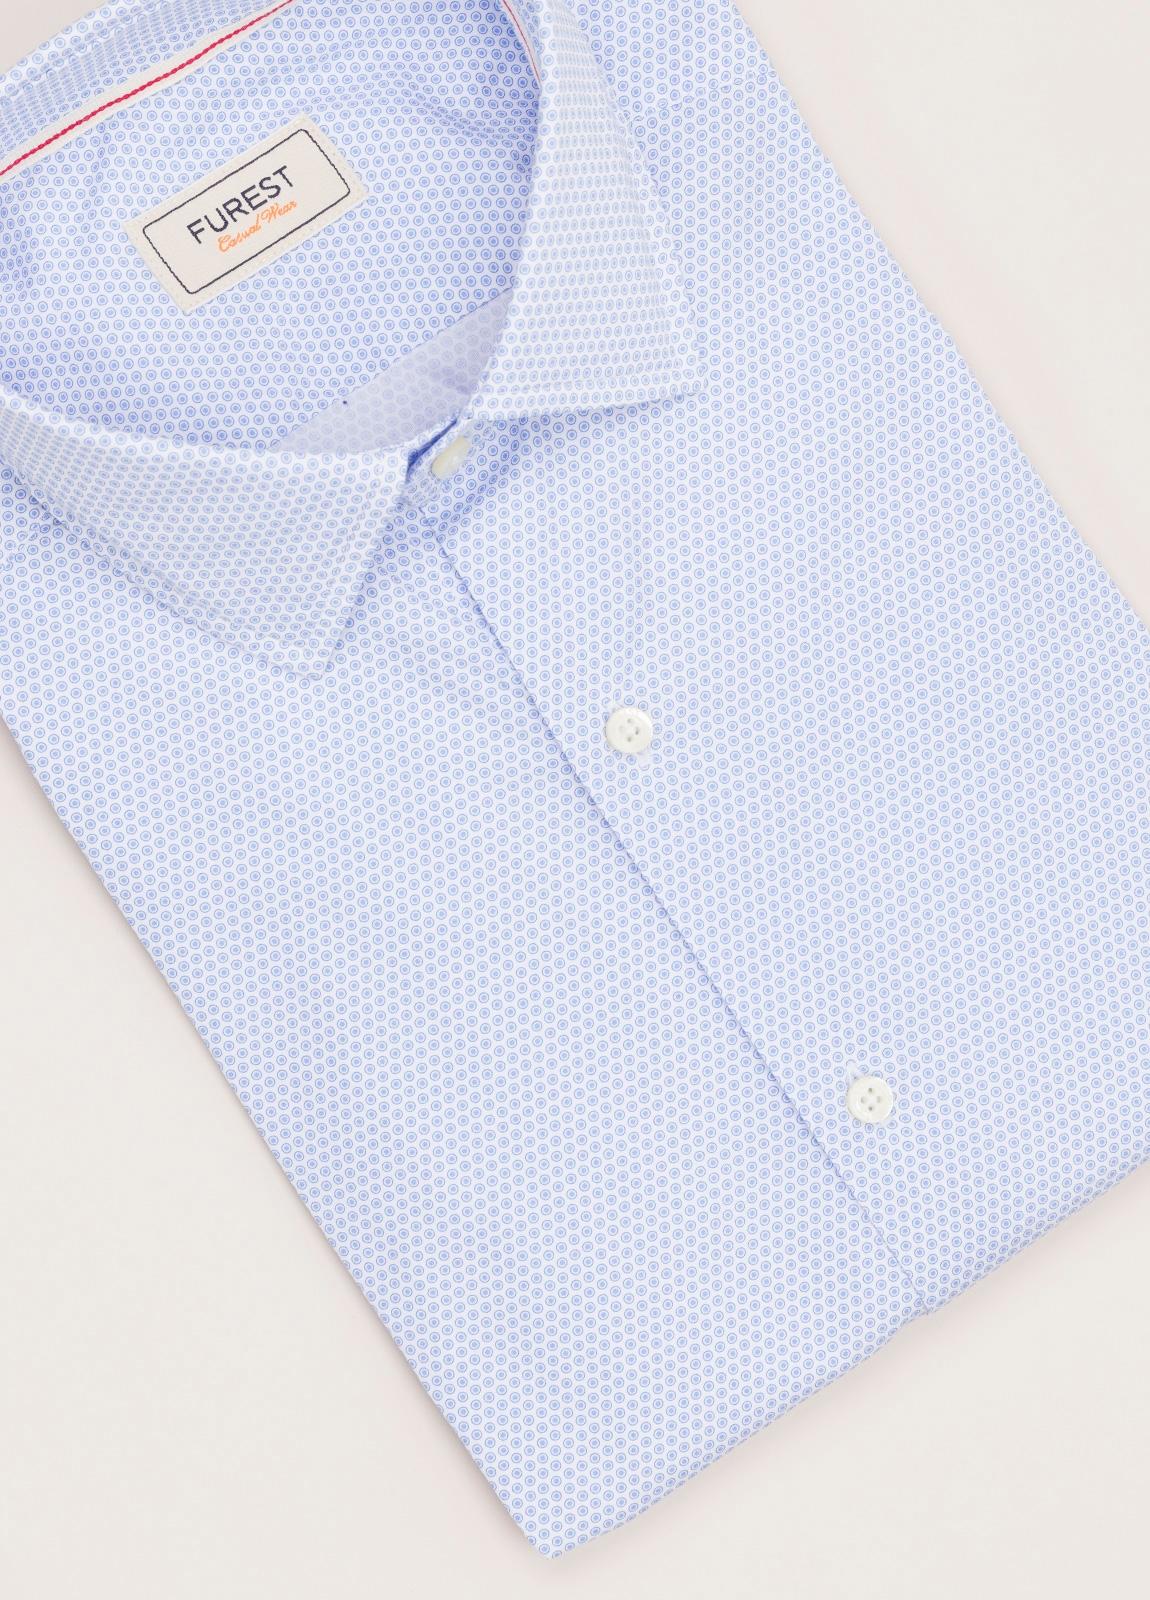 Camisa Casual Wear FUREST COLECCIÓN slim fit dibujo celeste - Ítem1